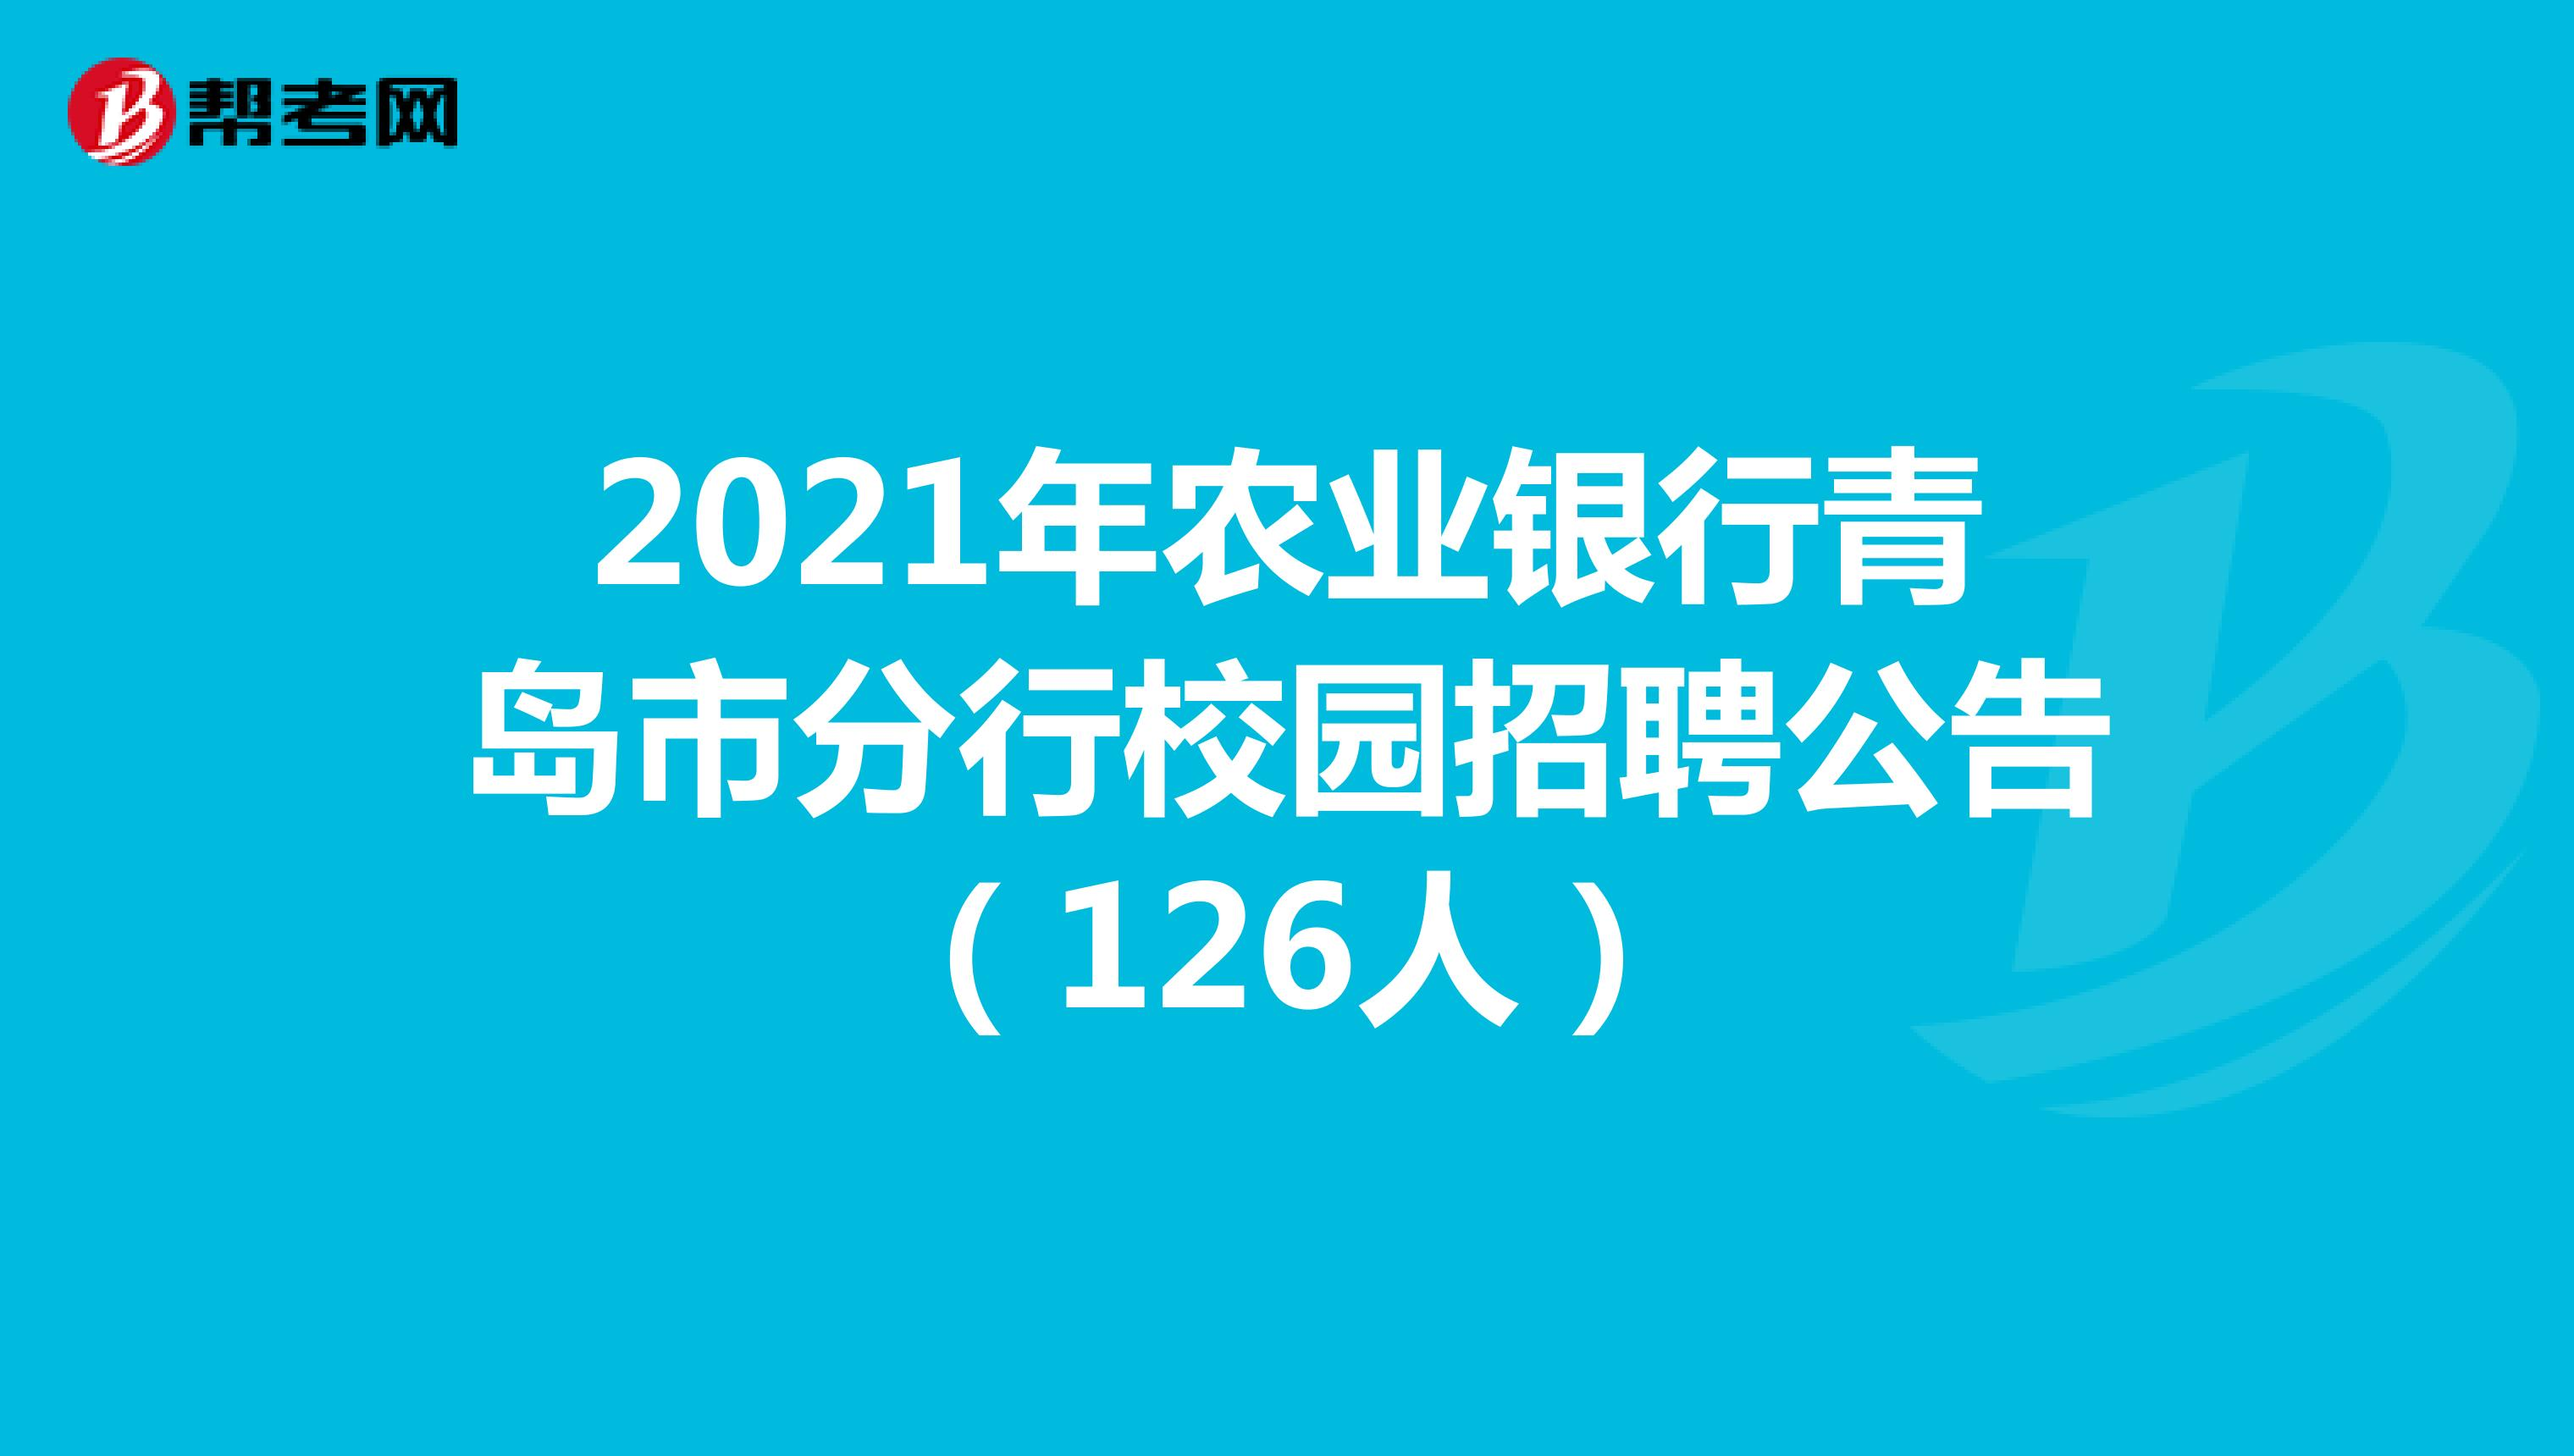 2021年农业银行青岛市分行校园招聘公告(126人)